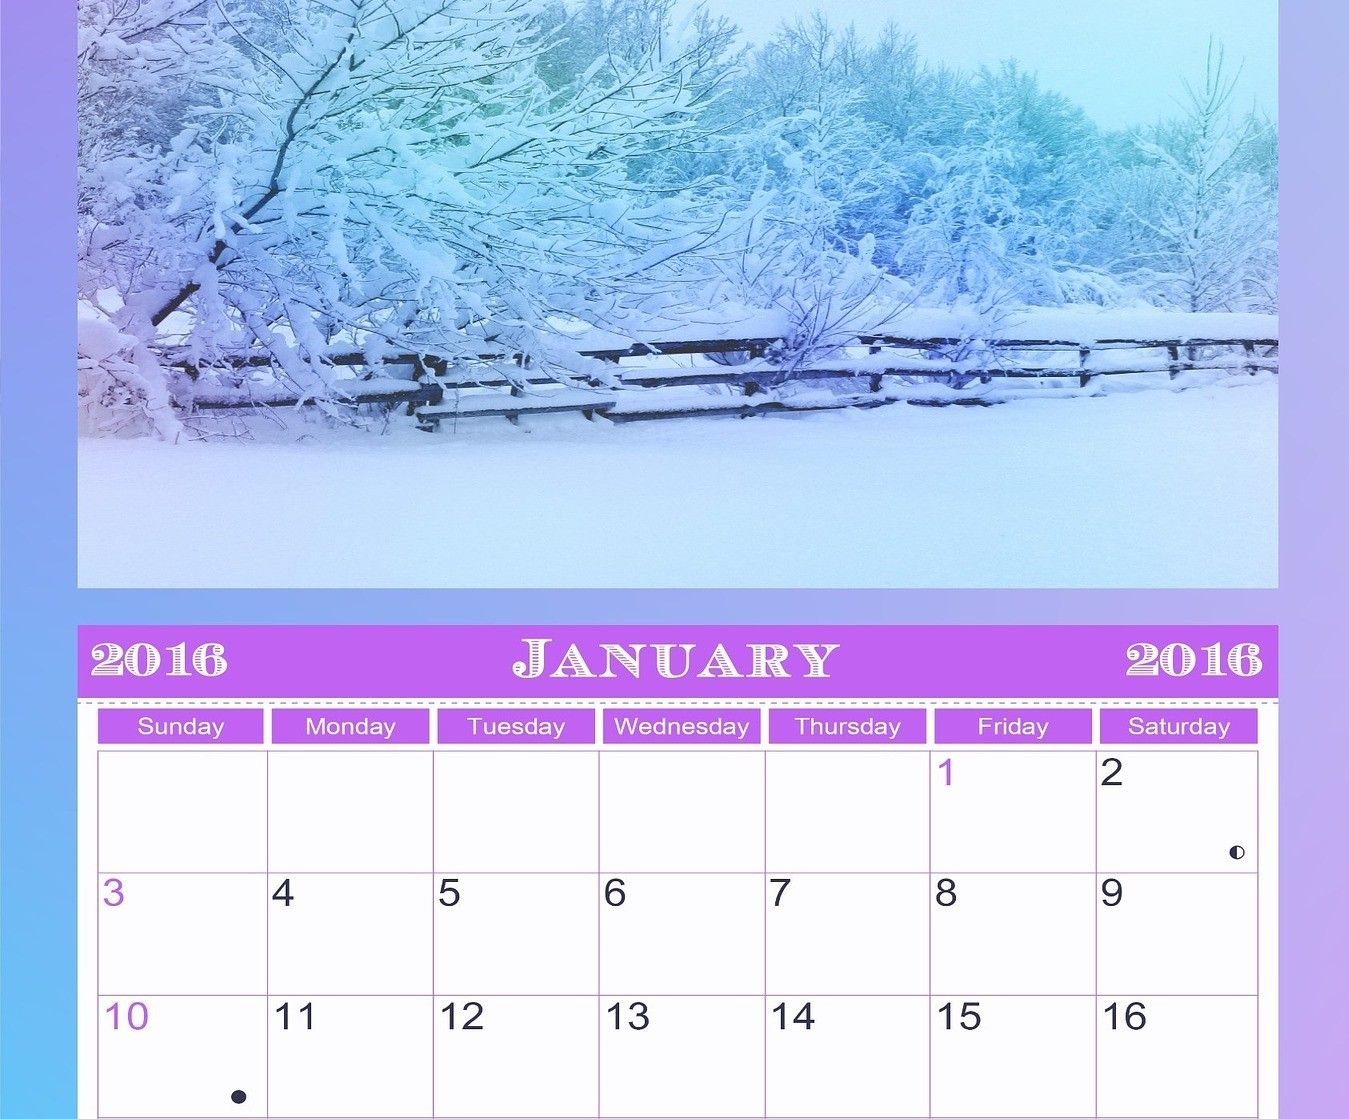 Cómo hacer un calendario personalizado para financiar un viaje de fin de curso